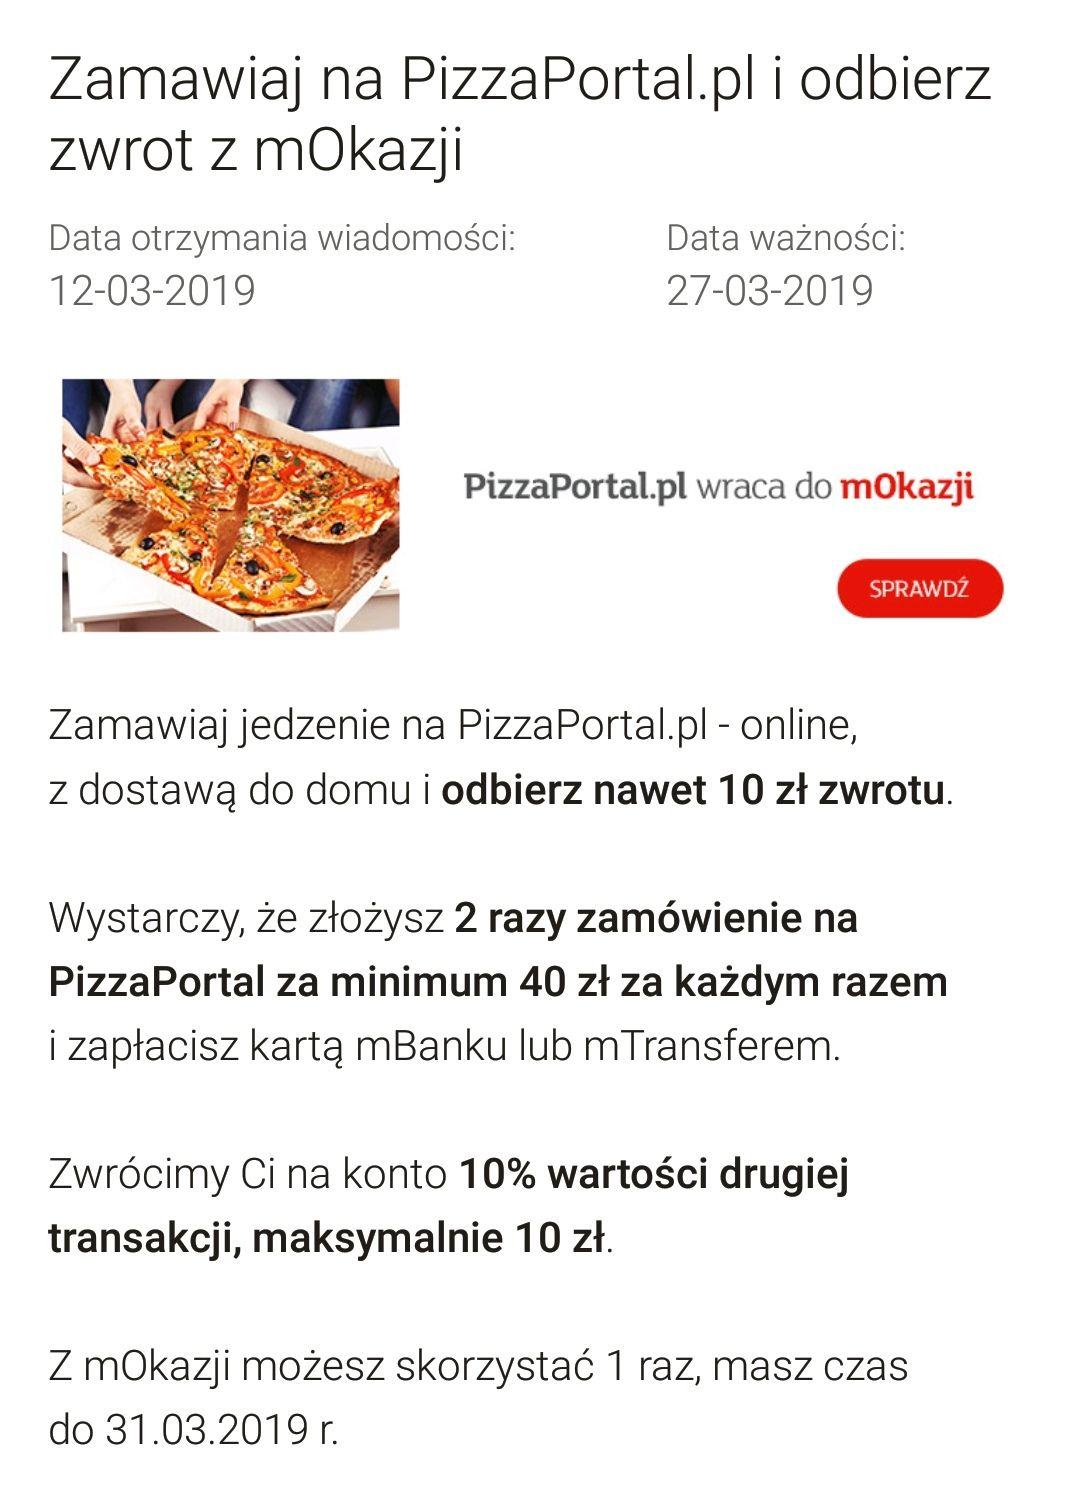 Zwrot 10% za 2 zamówienie na PizzaPortal.pl minimalna wartość zamówienia 40zł - mBank